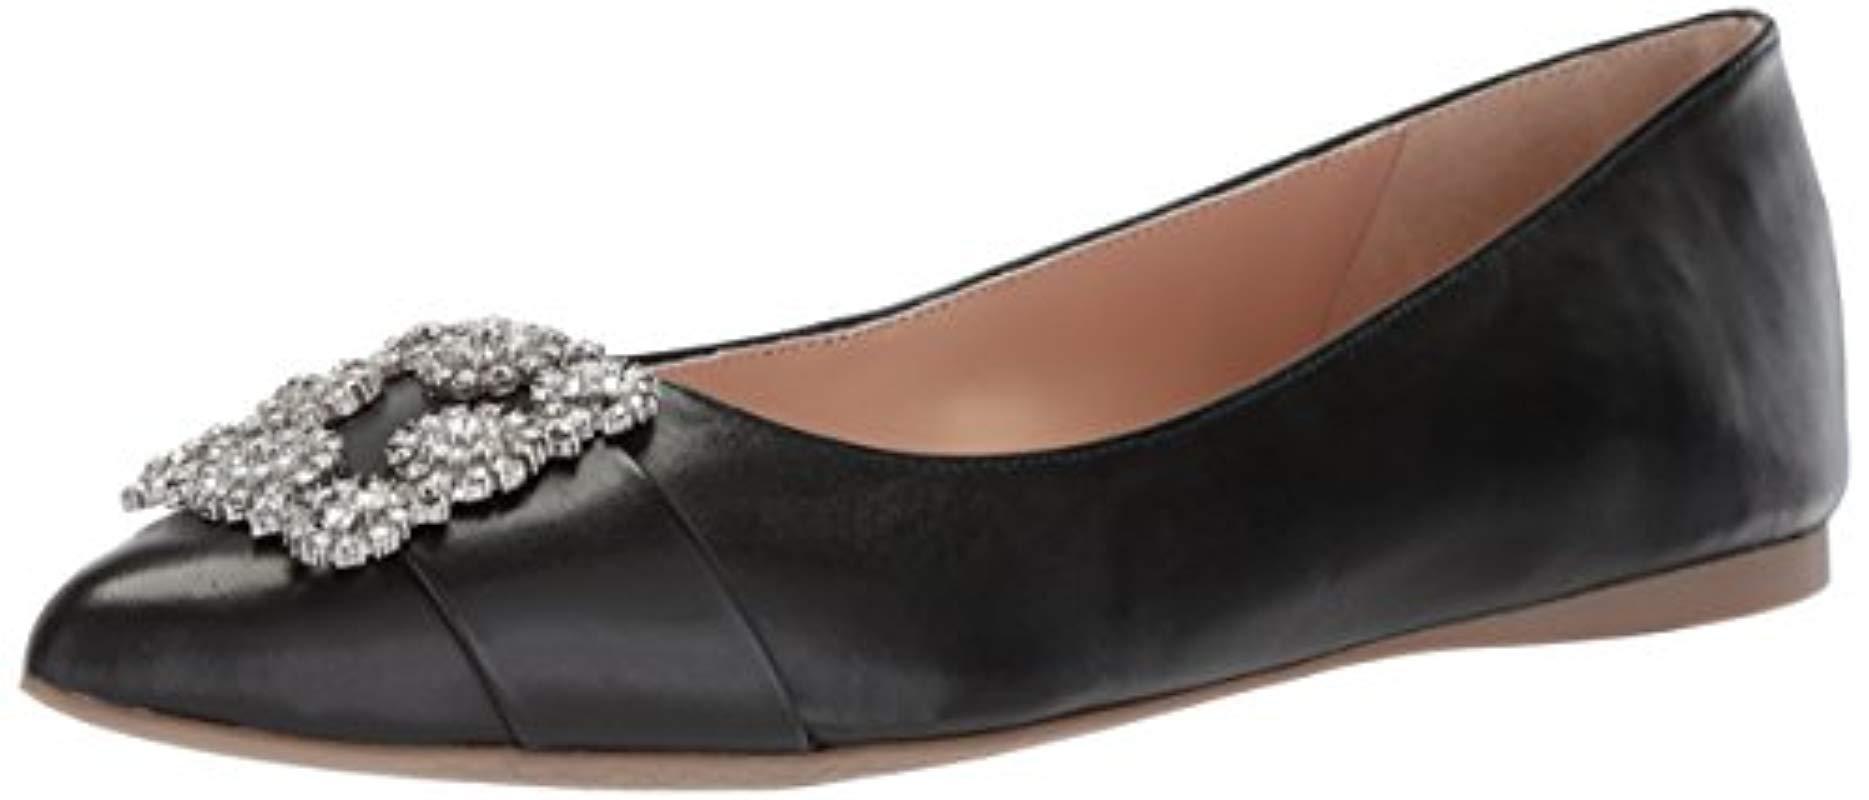 34dd1fdac8f1 Lyst - Tahari Ta-evalee Ballet Flat in Black - Save 50.0%